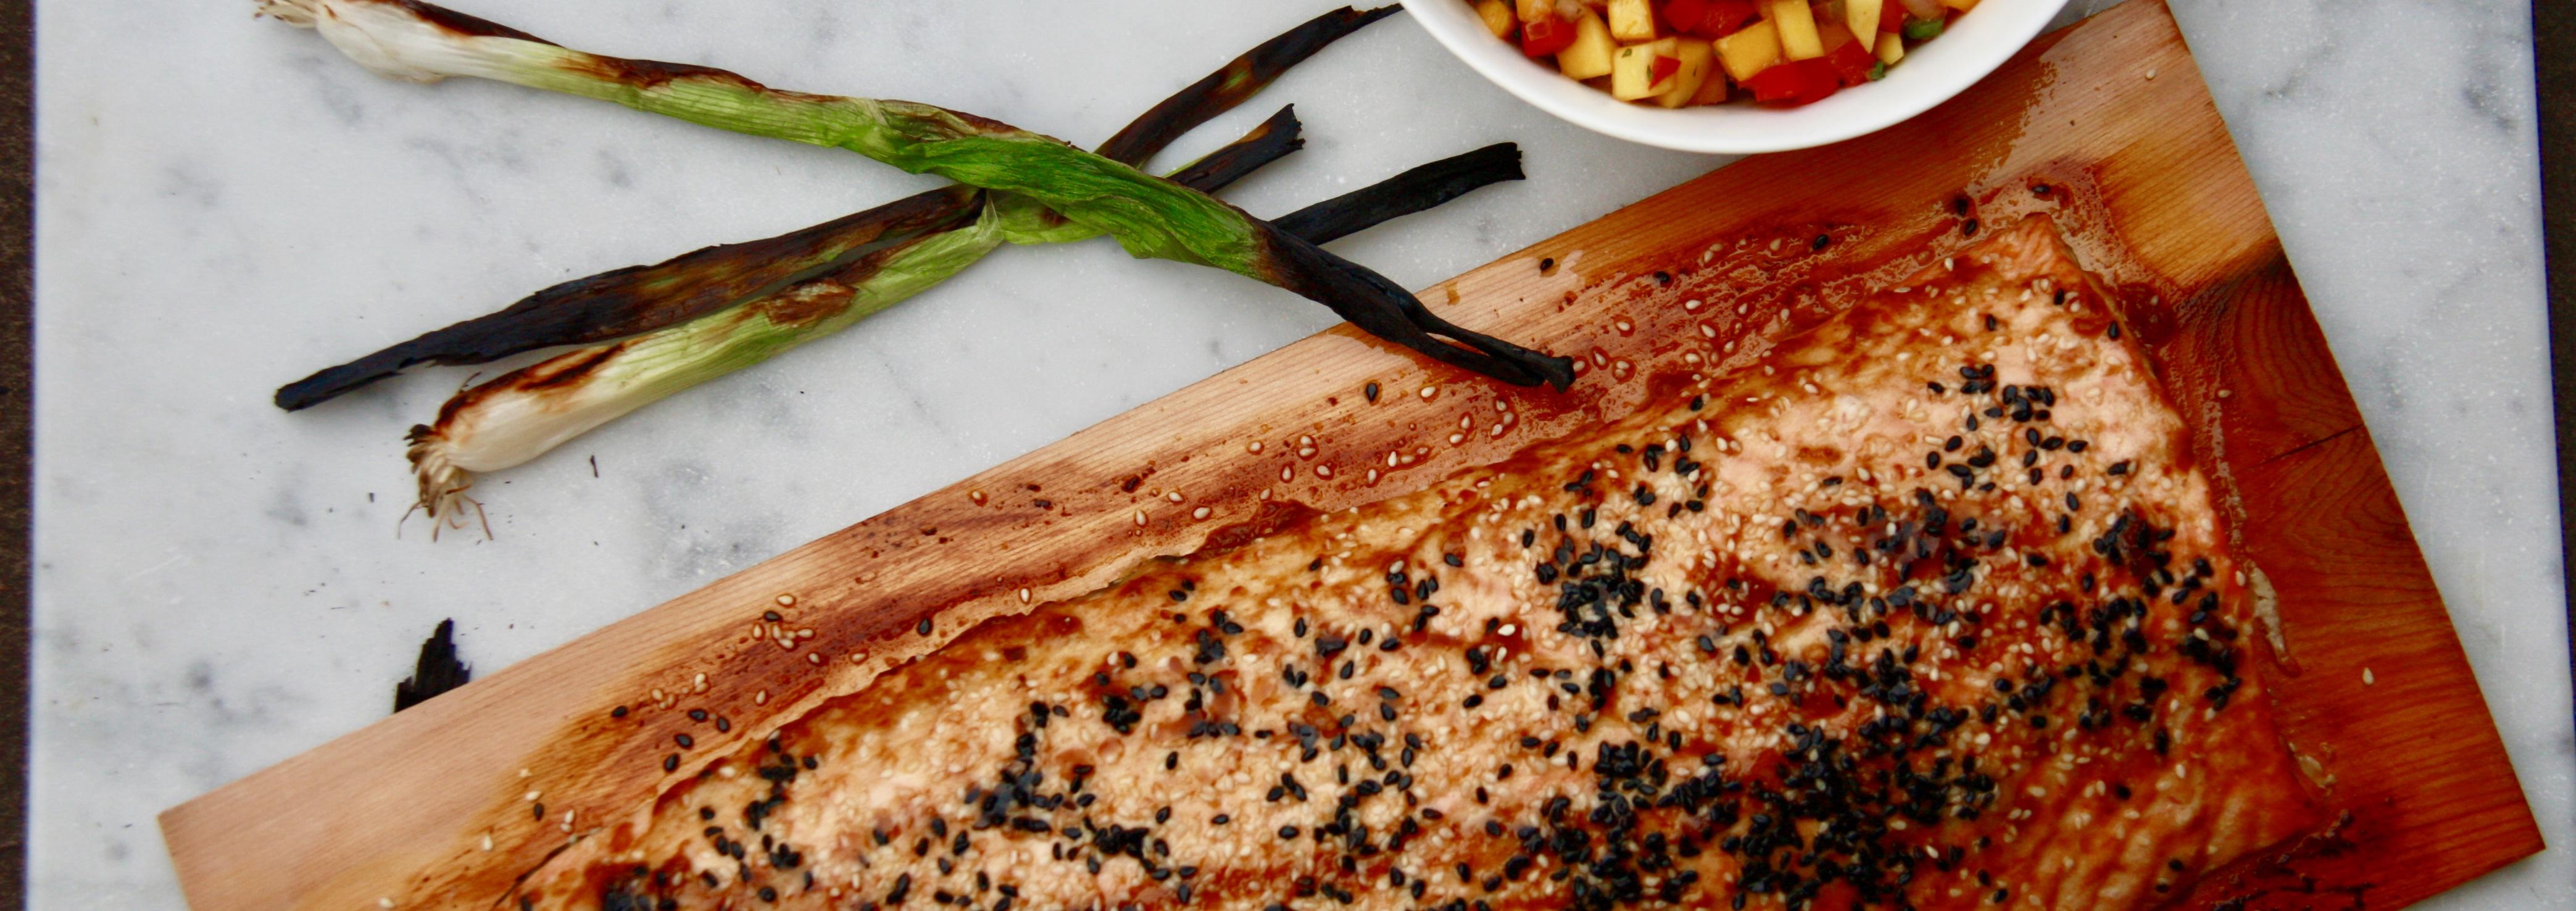 Asian Cedar Plank Salmon with Mango Salsa